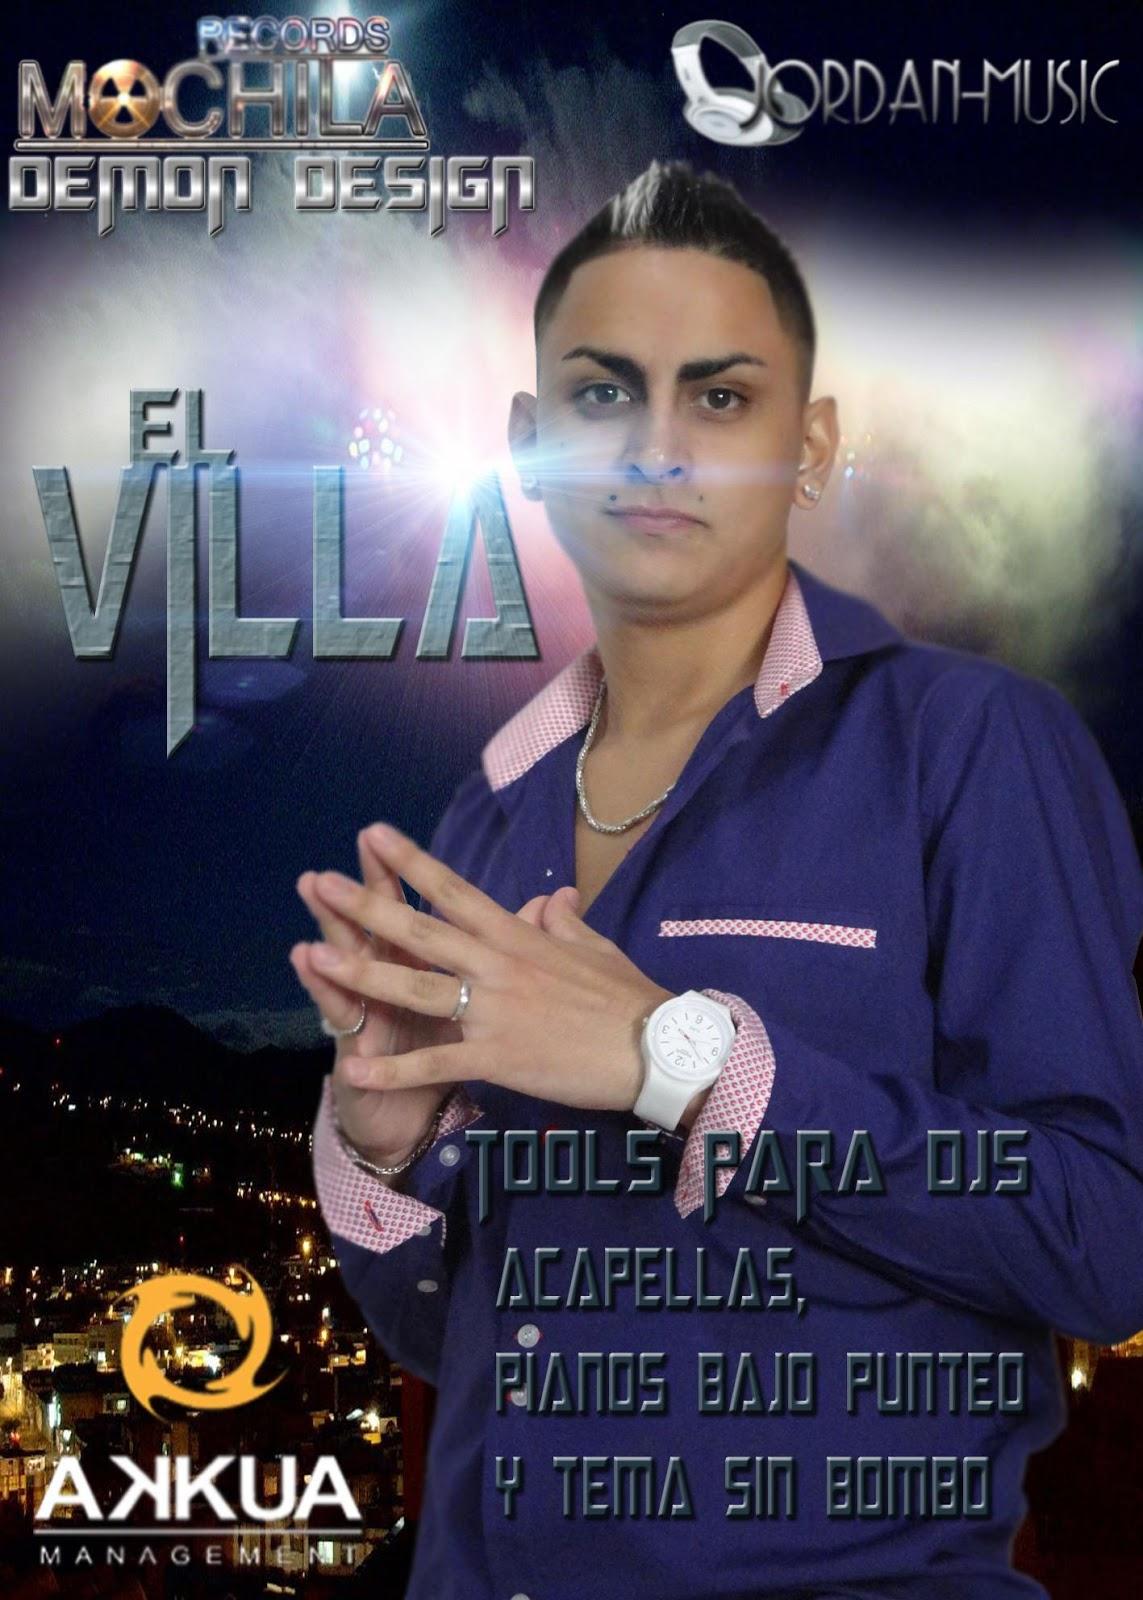 Descargar MP3 de El Baile Del Tao El Meneito Arrebatao GRATIS